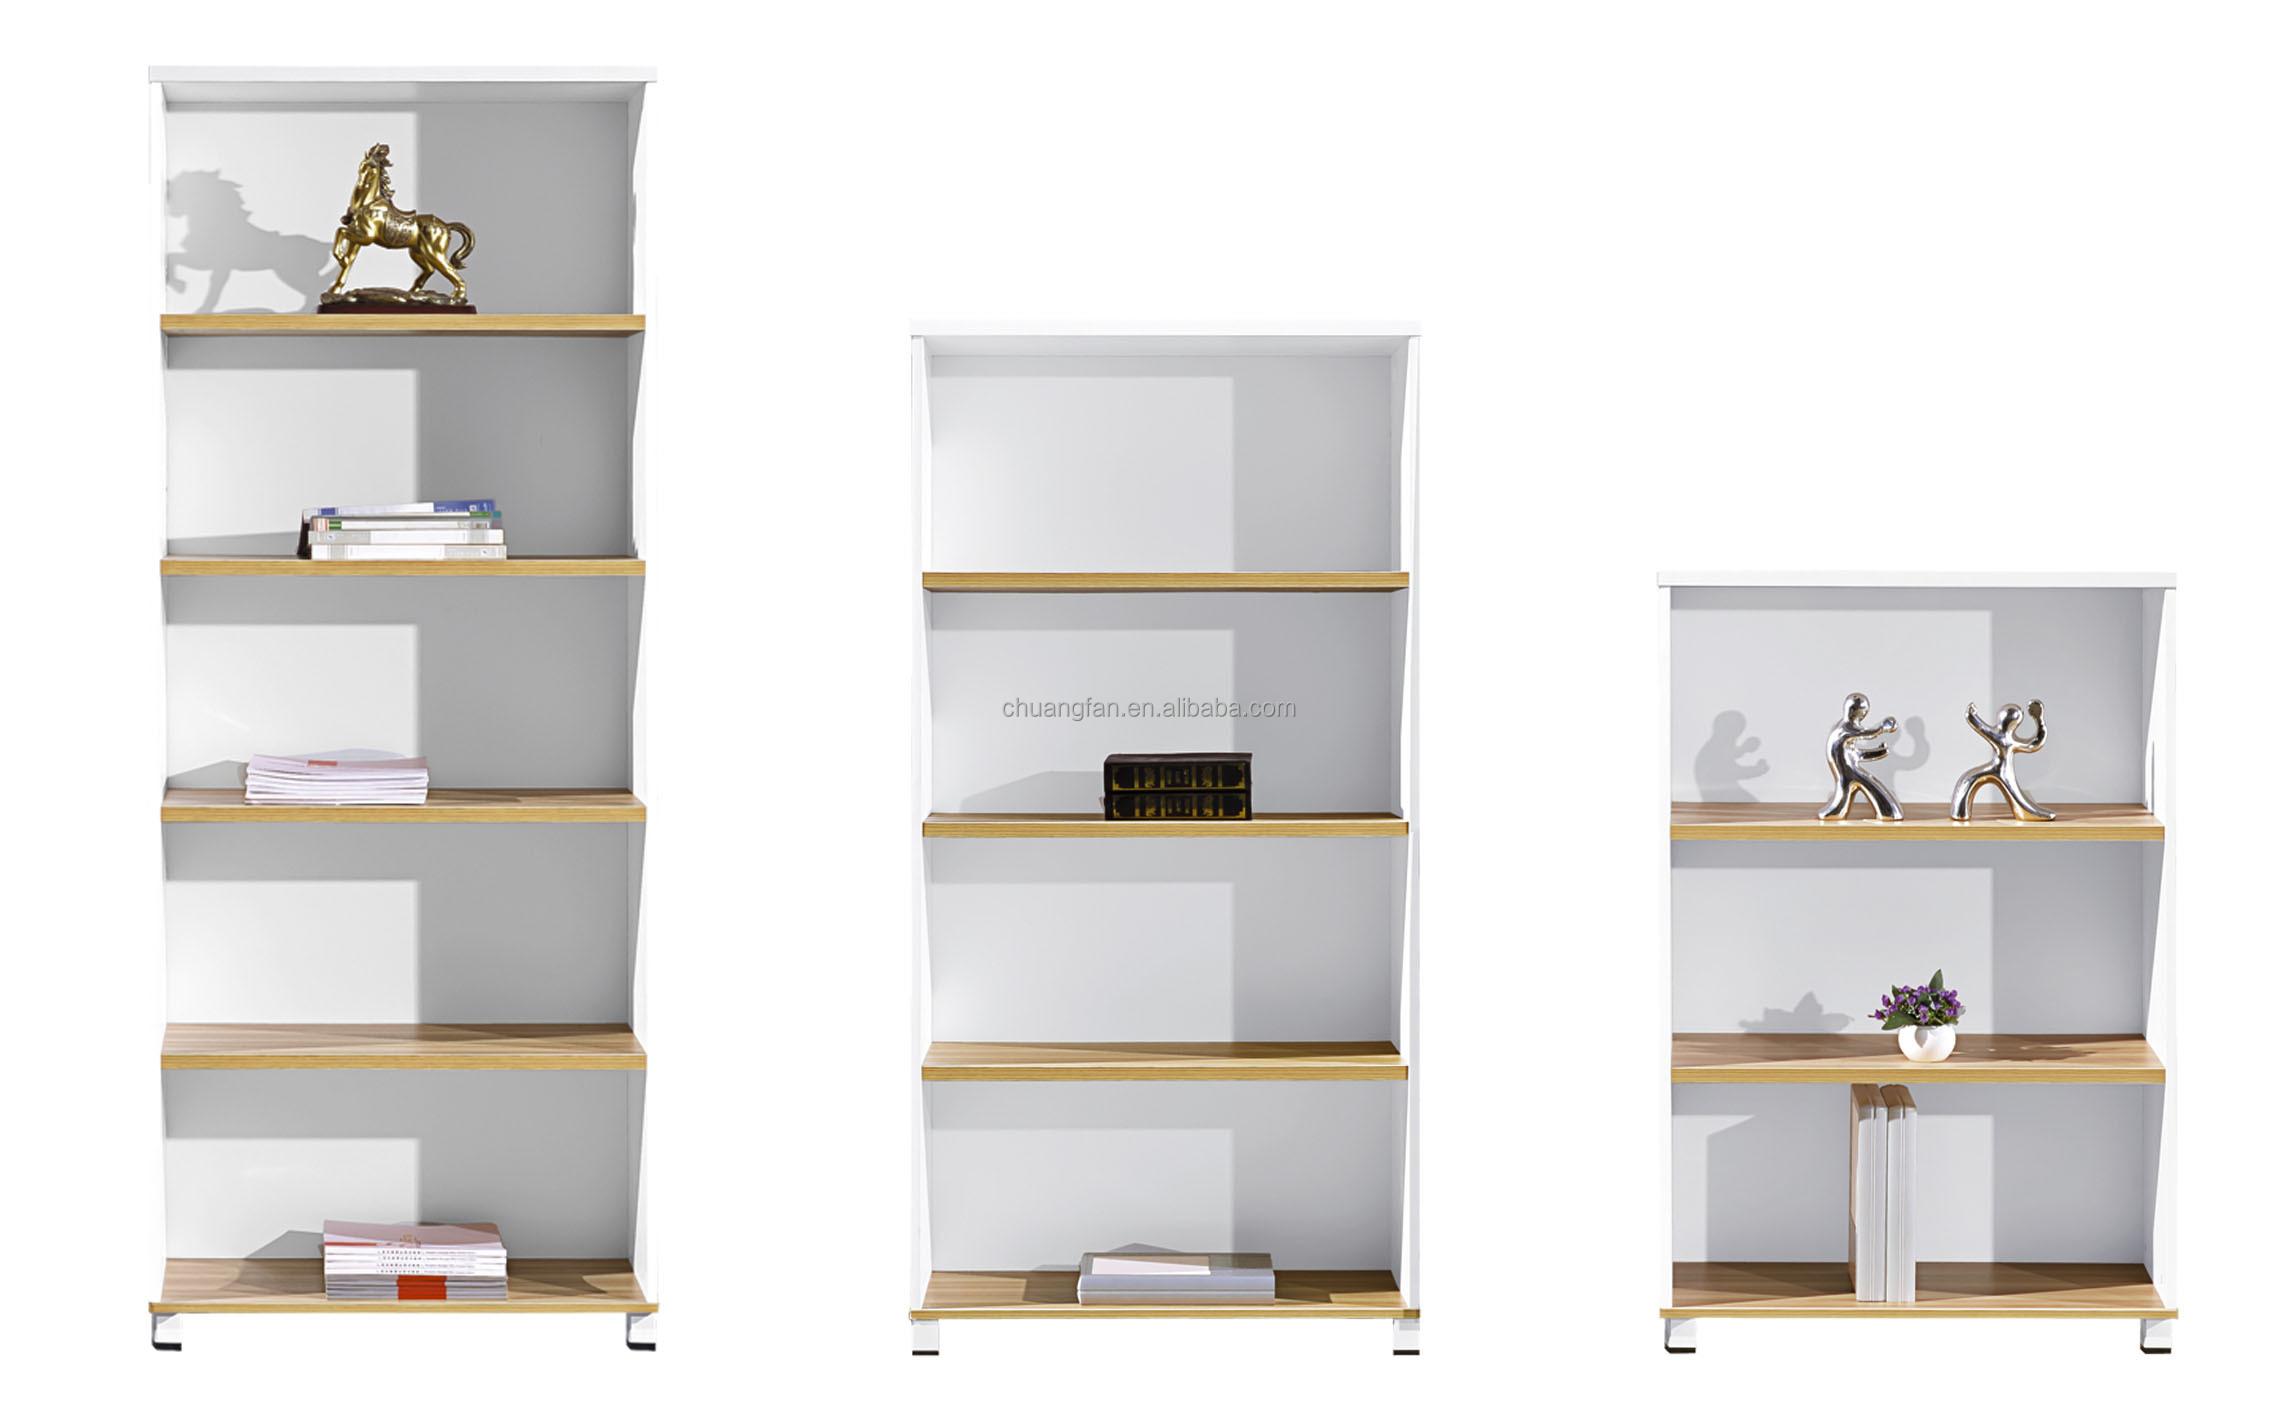 Armoire De Rangement Design En Bois Tag Re Ouverte Classeur  # Schema De Fabrication D' Un Classeur En Bois